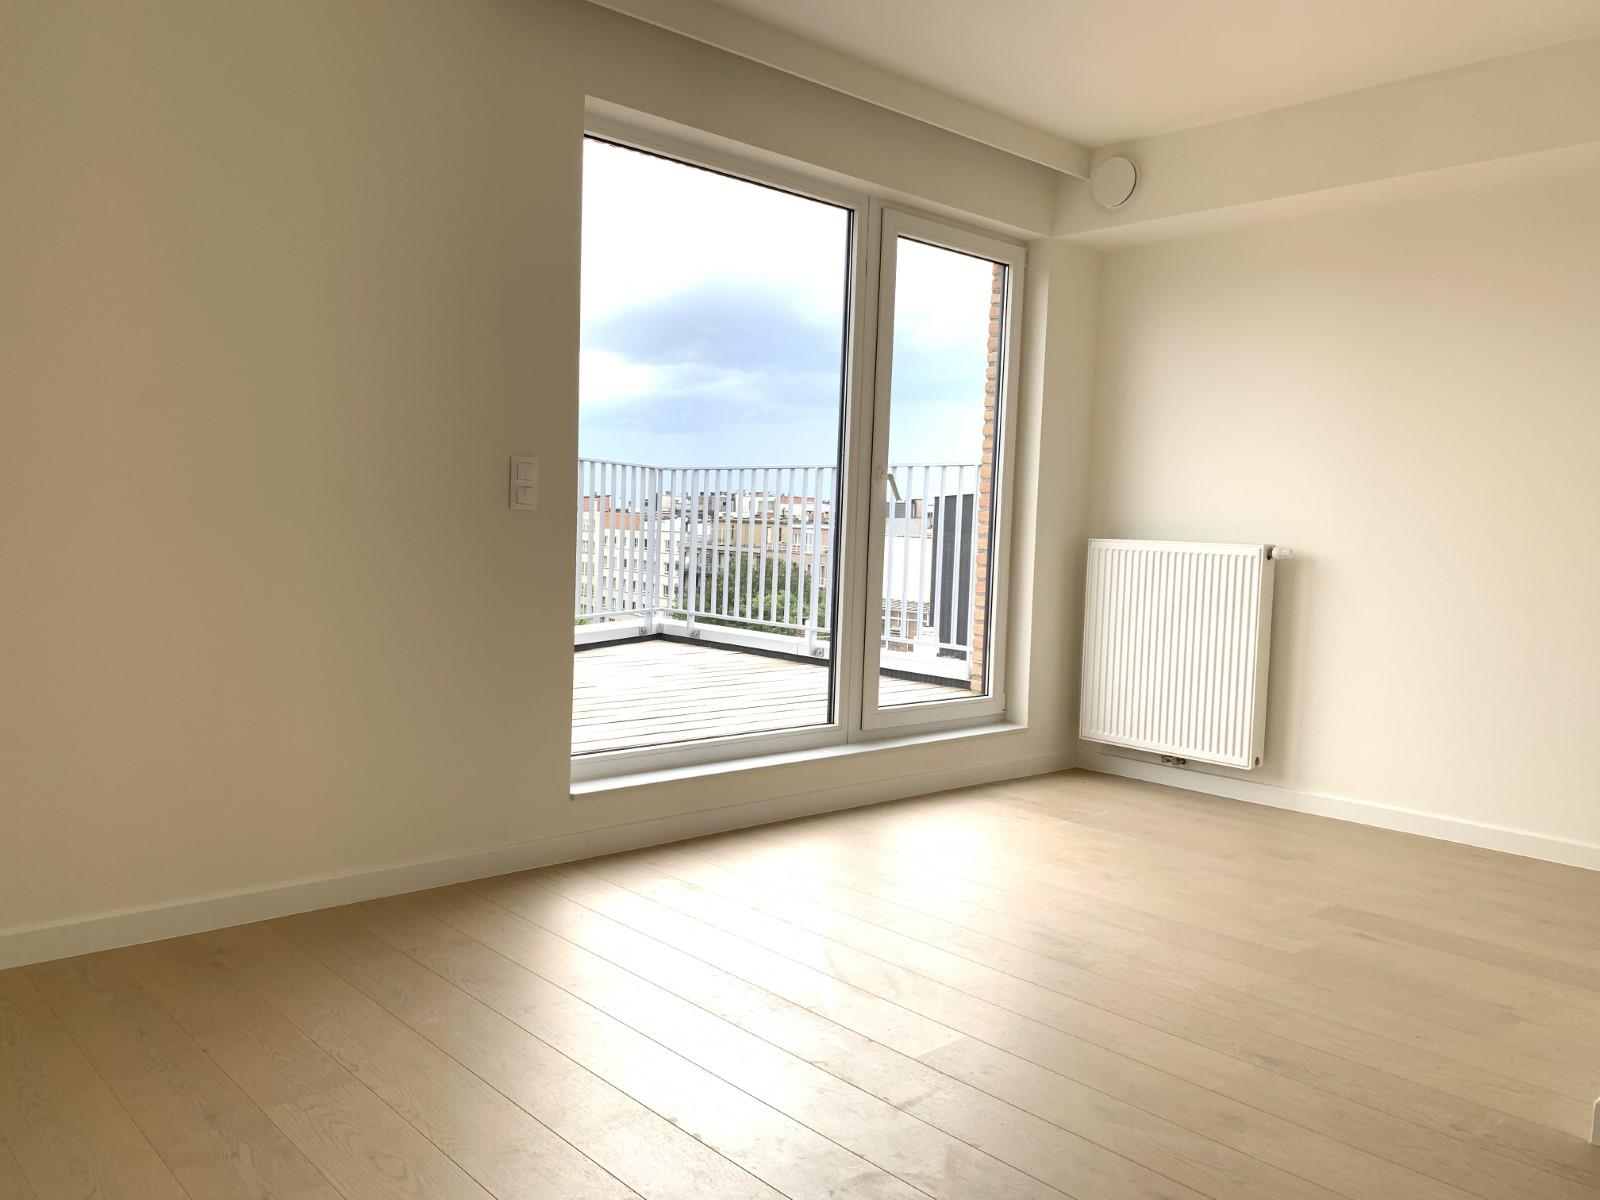 Uitzonderlijk appartement - Schaerbeek - #3964914-2